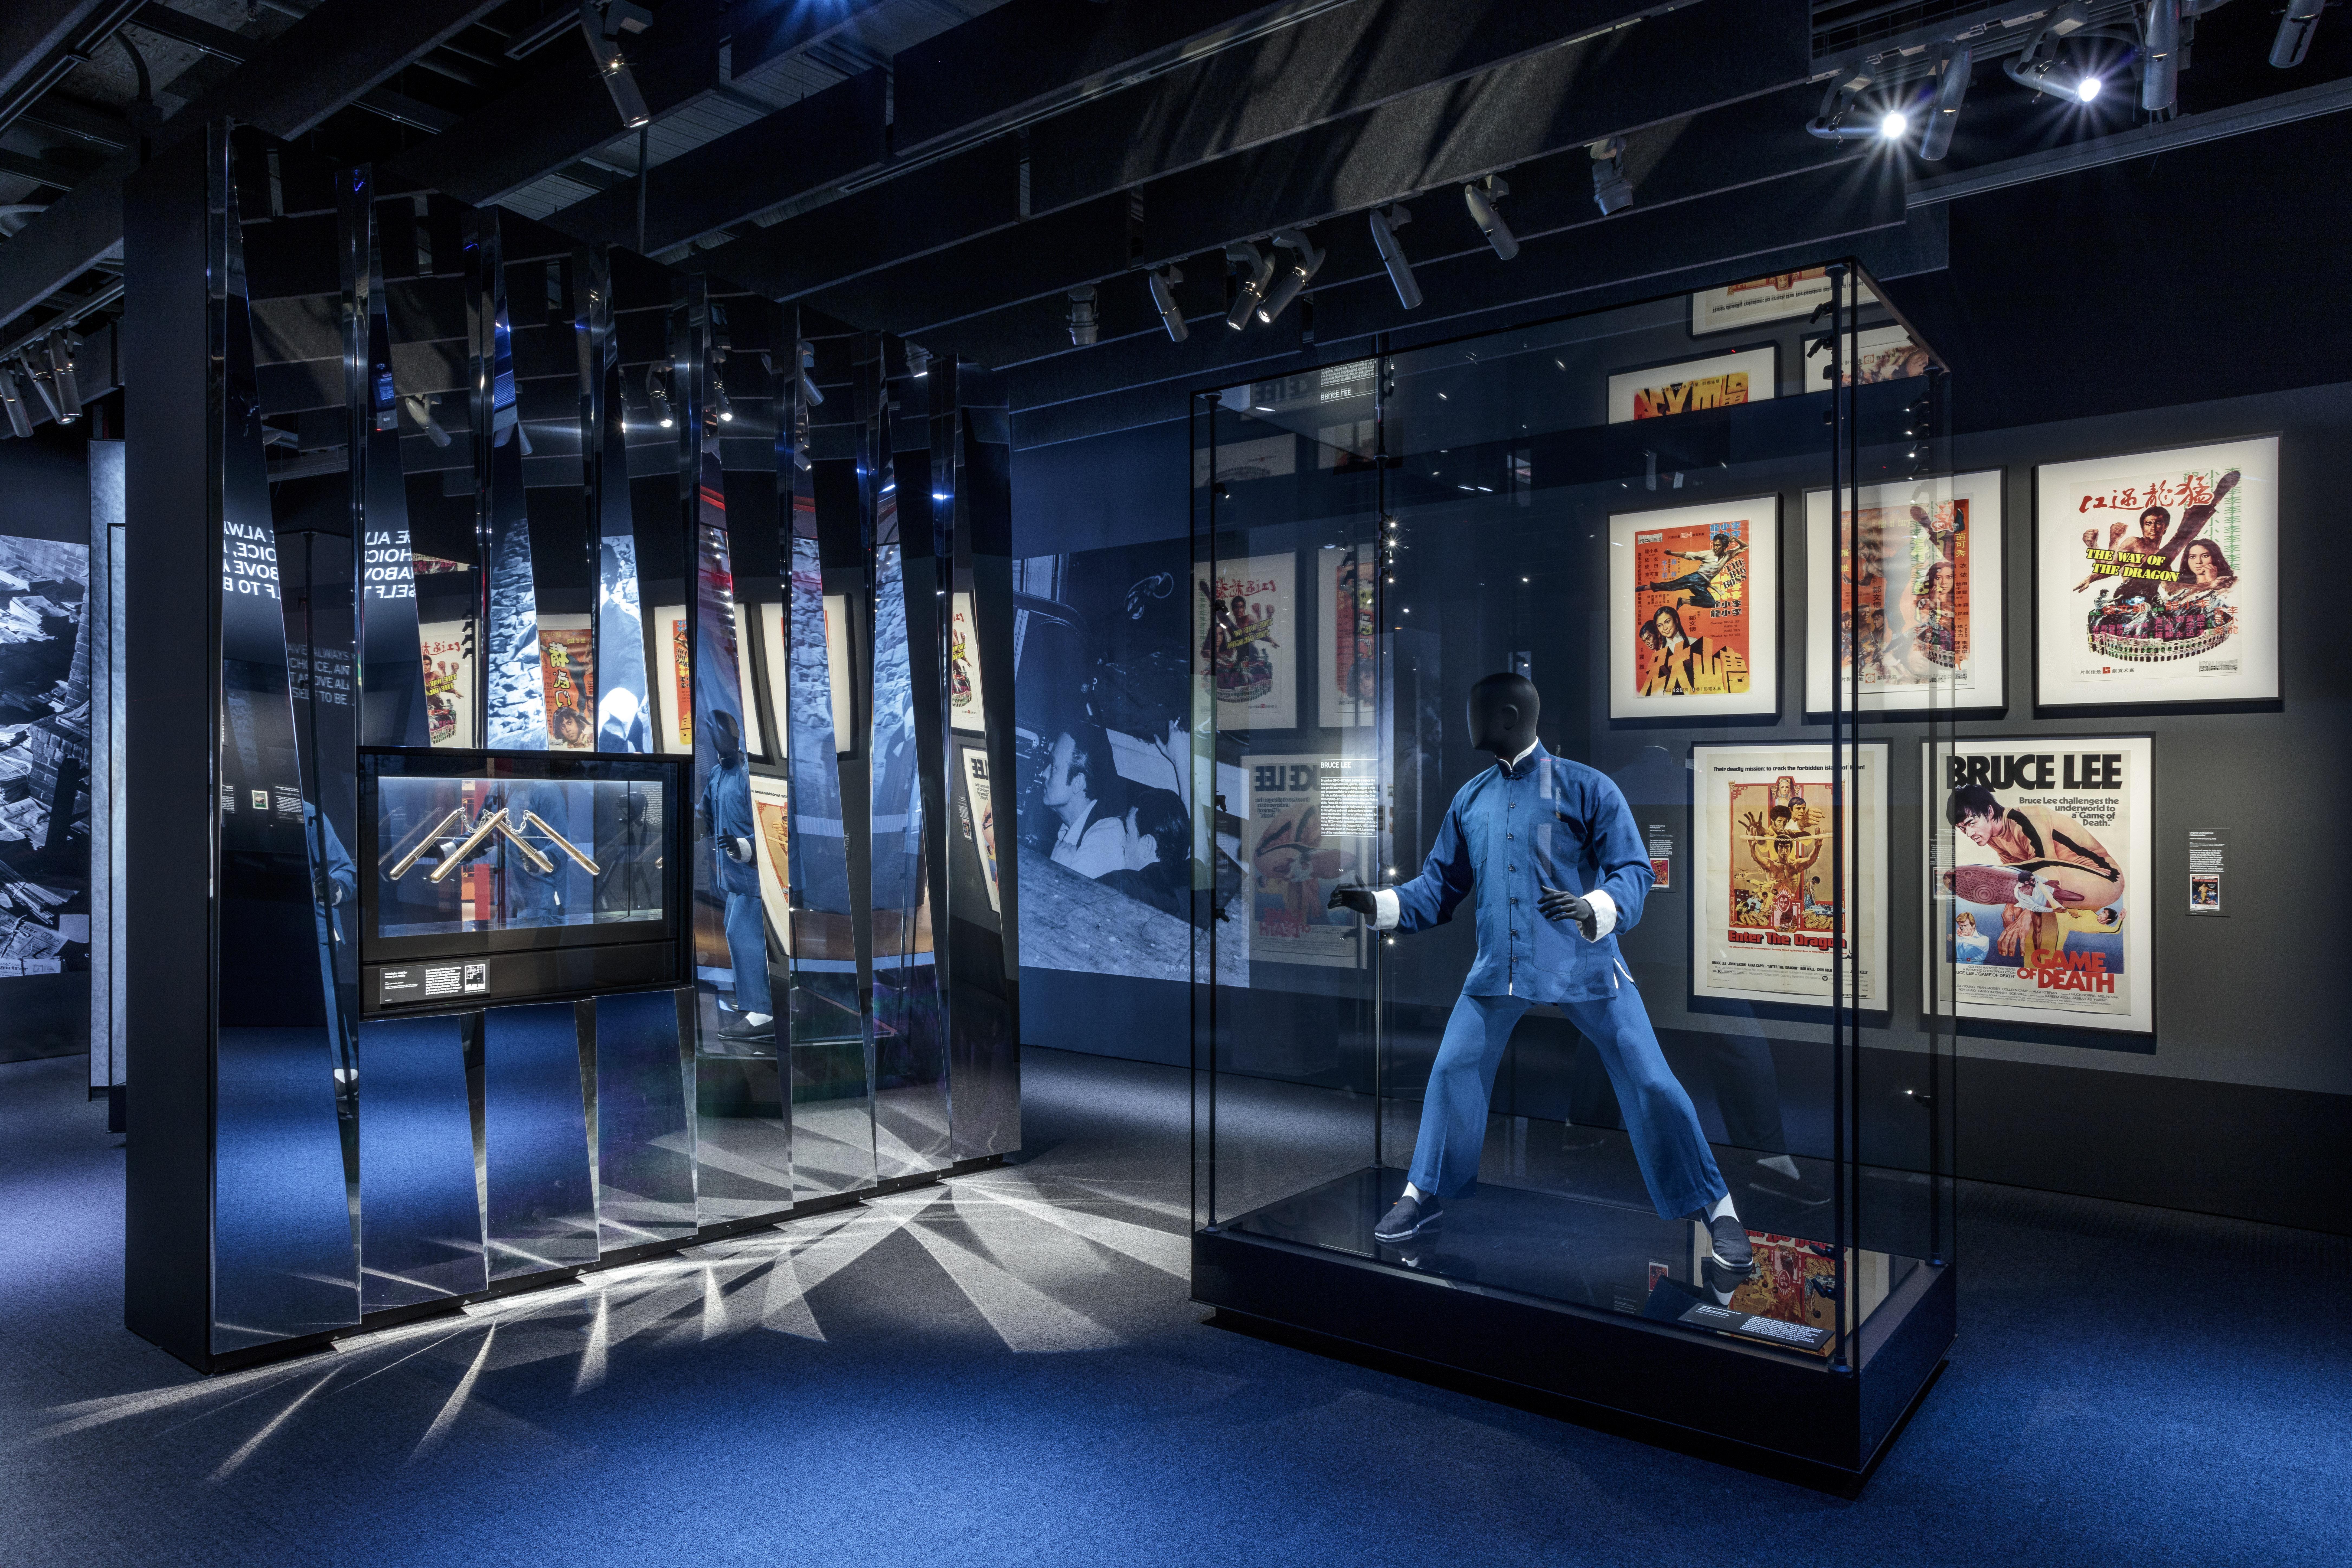 Exposição Histórias do Cinema, com ala dedicada ao ator Bruce Lee, no Academy Museum of Motion Pictures, em Los Angeles